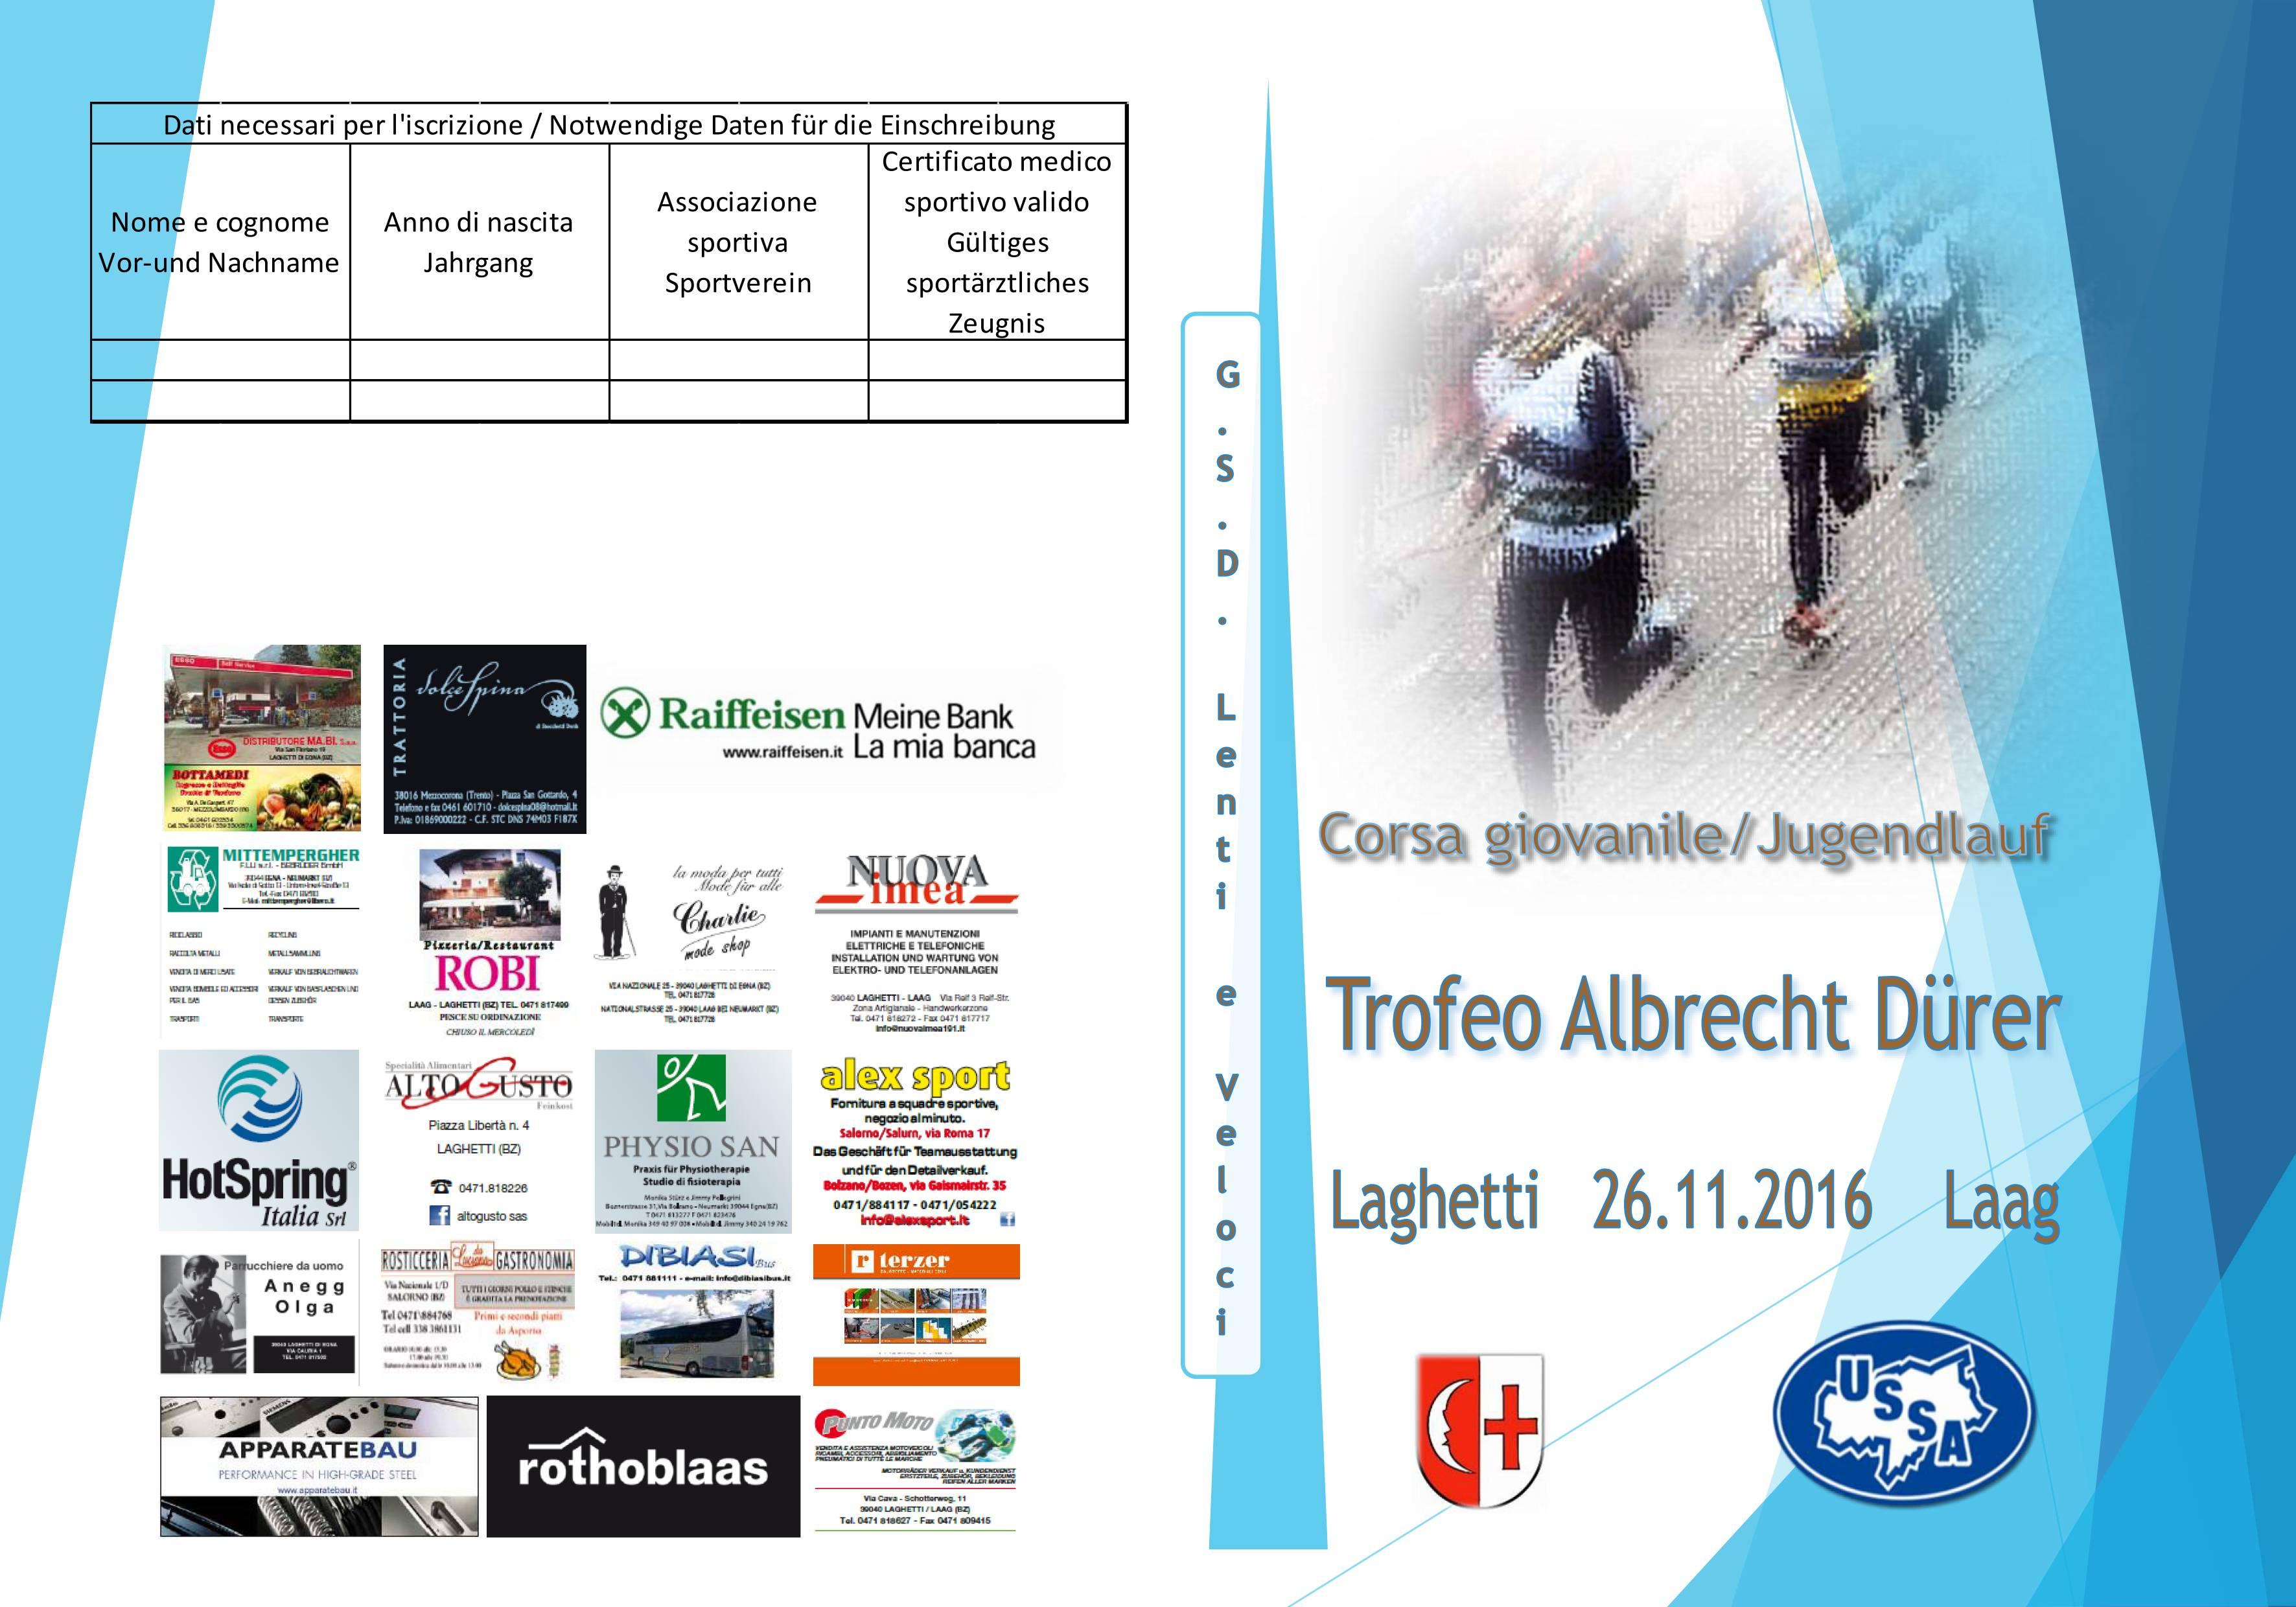 TROFEO ALBRECHT DURER: SABATO 26 NOVEMBRE 2016